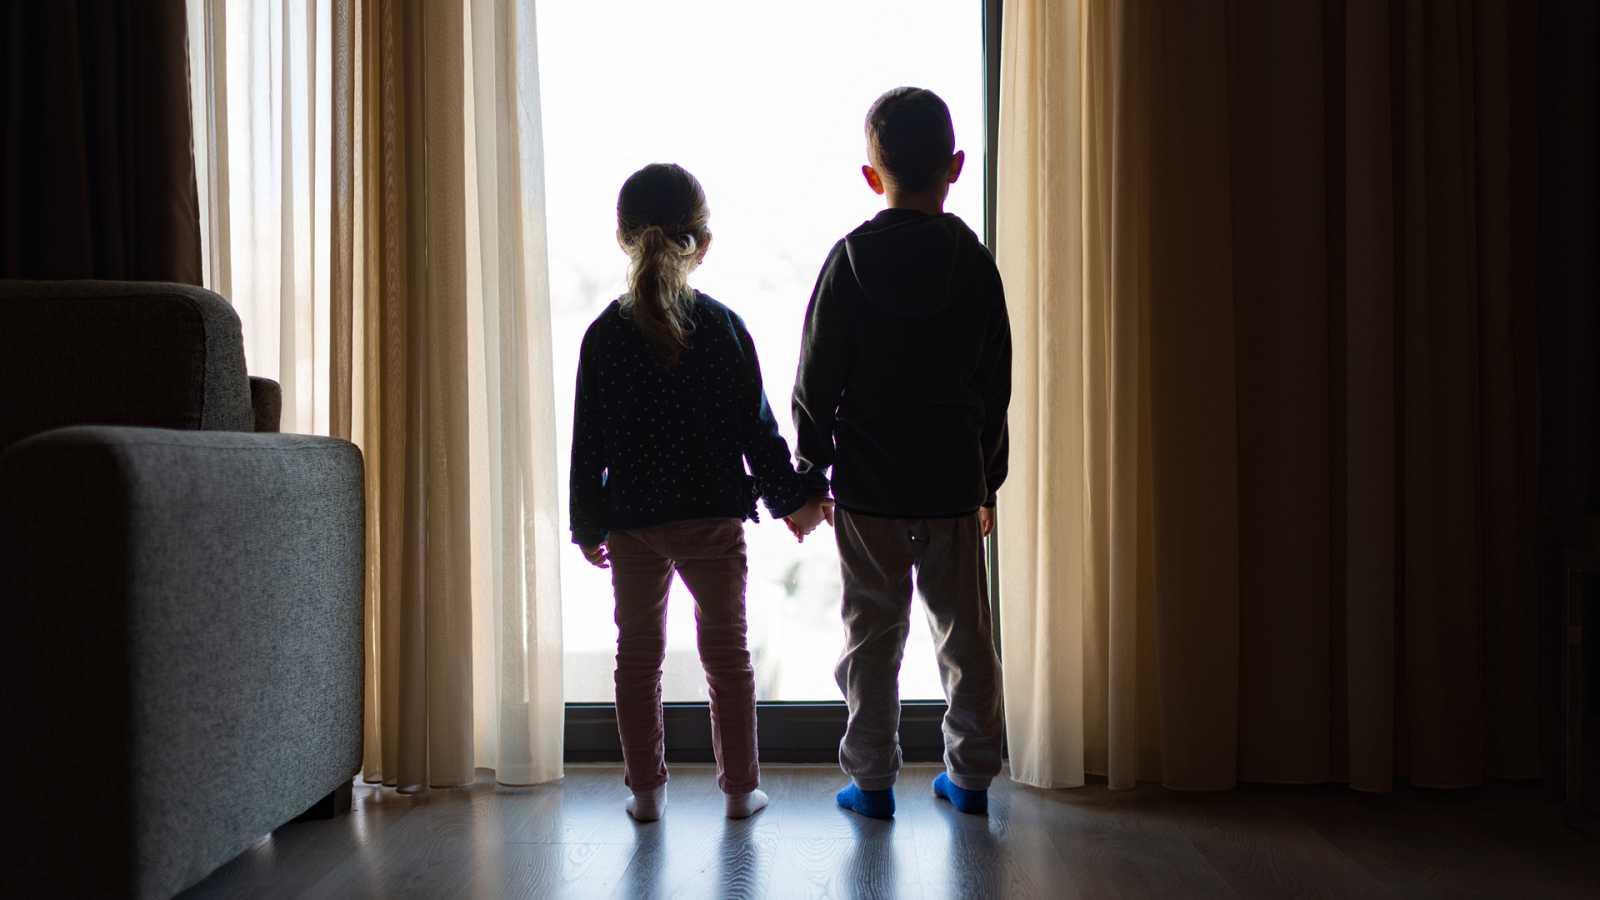 Artesfera - Mayor protección de la infancia y la adolescencia frente a la violencia - 28/04/21 - escuchar ahora